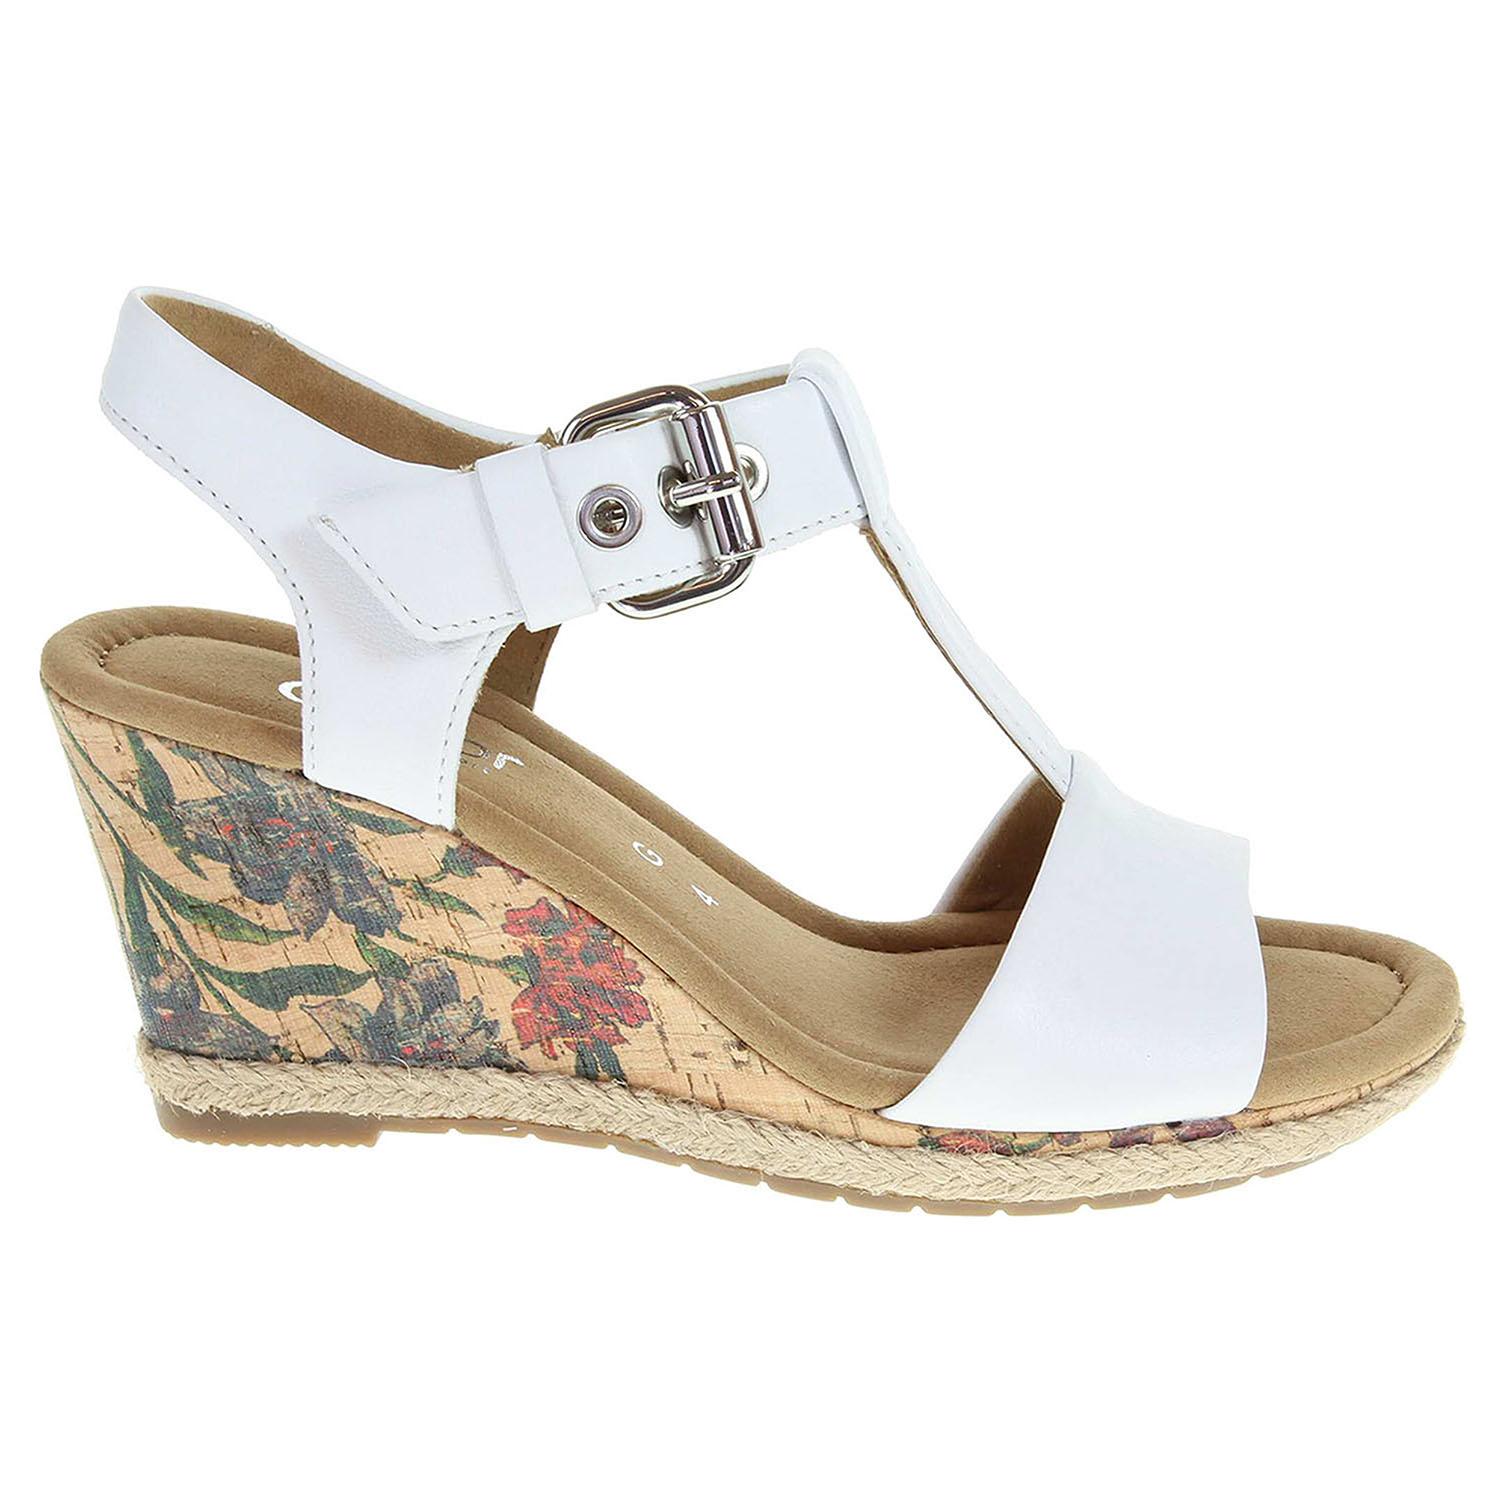 Ecco Gabor dámské sandály 62.824.51 bílé 23801107